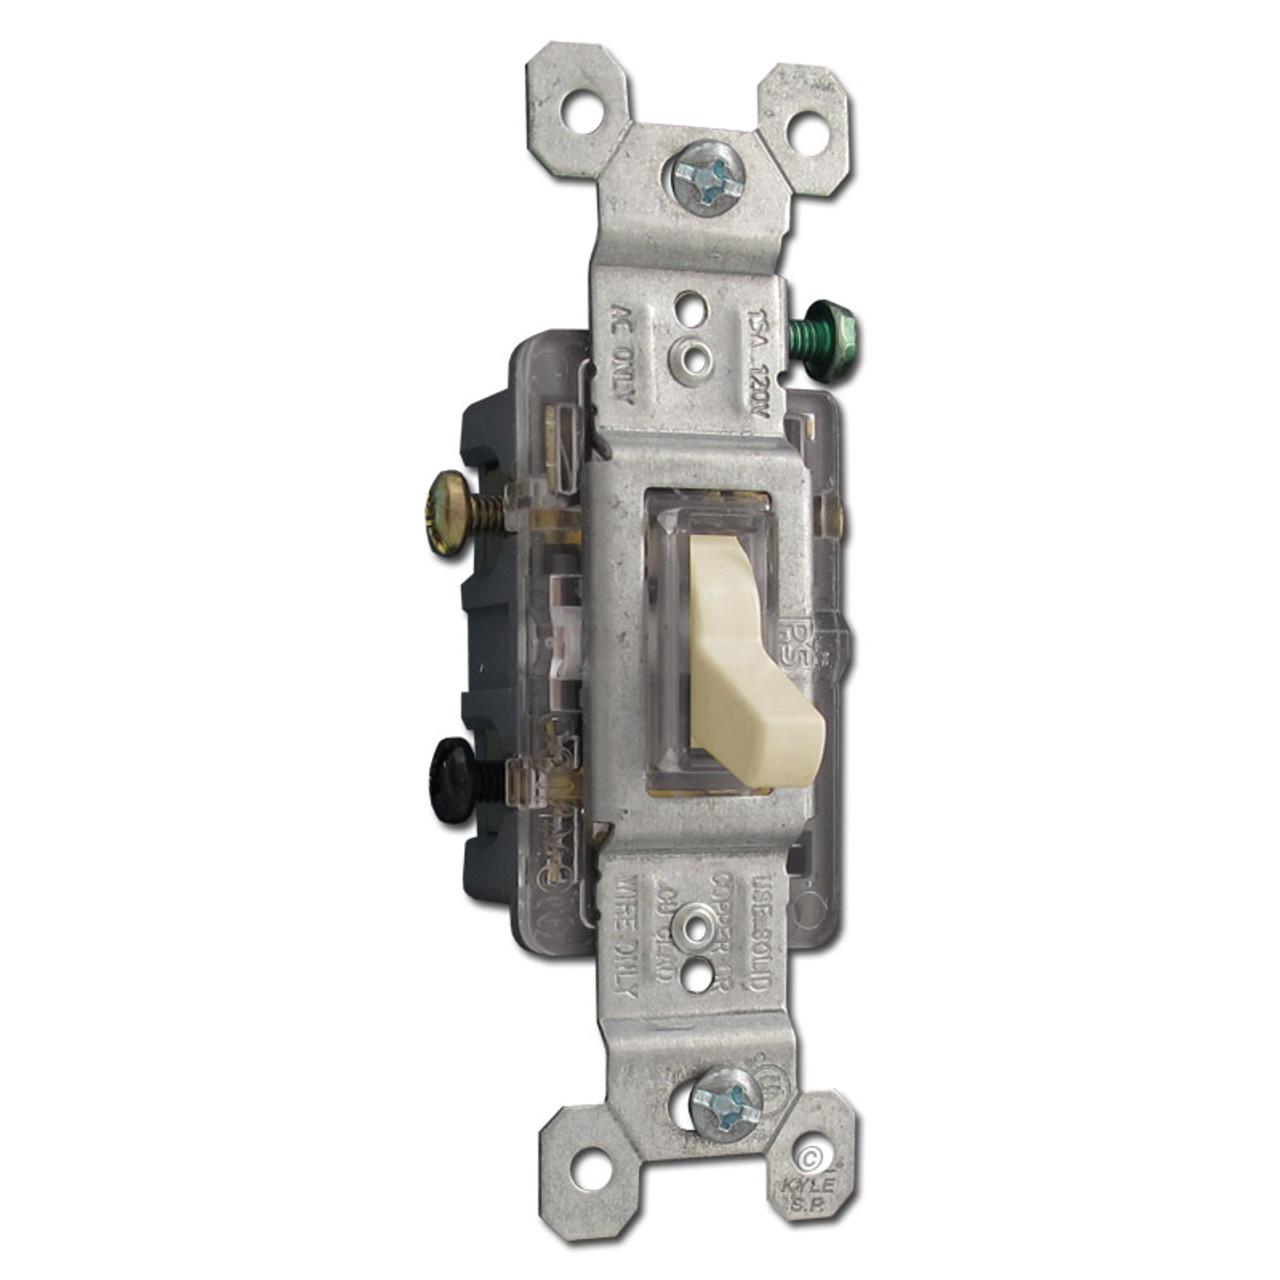 Ivory 3 Way Illuminated Toggle Switch 15a